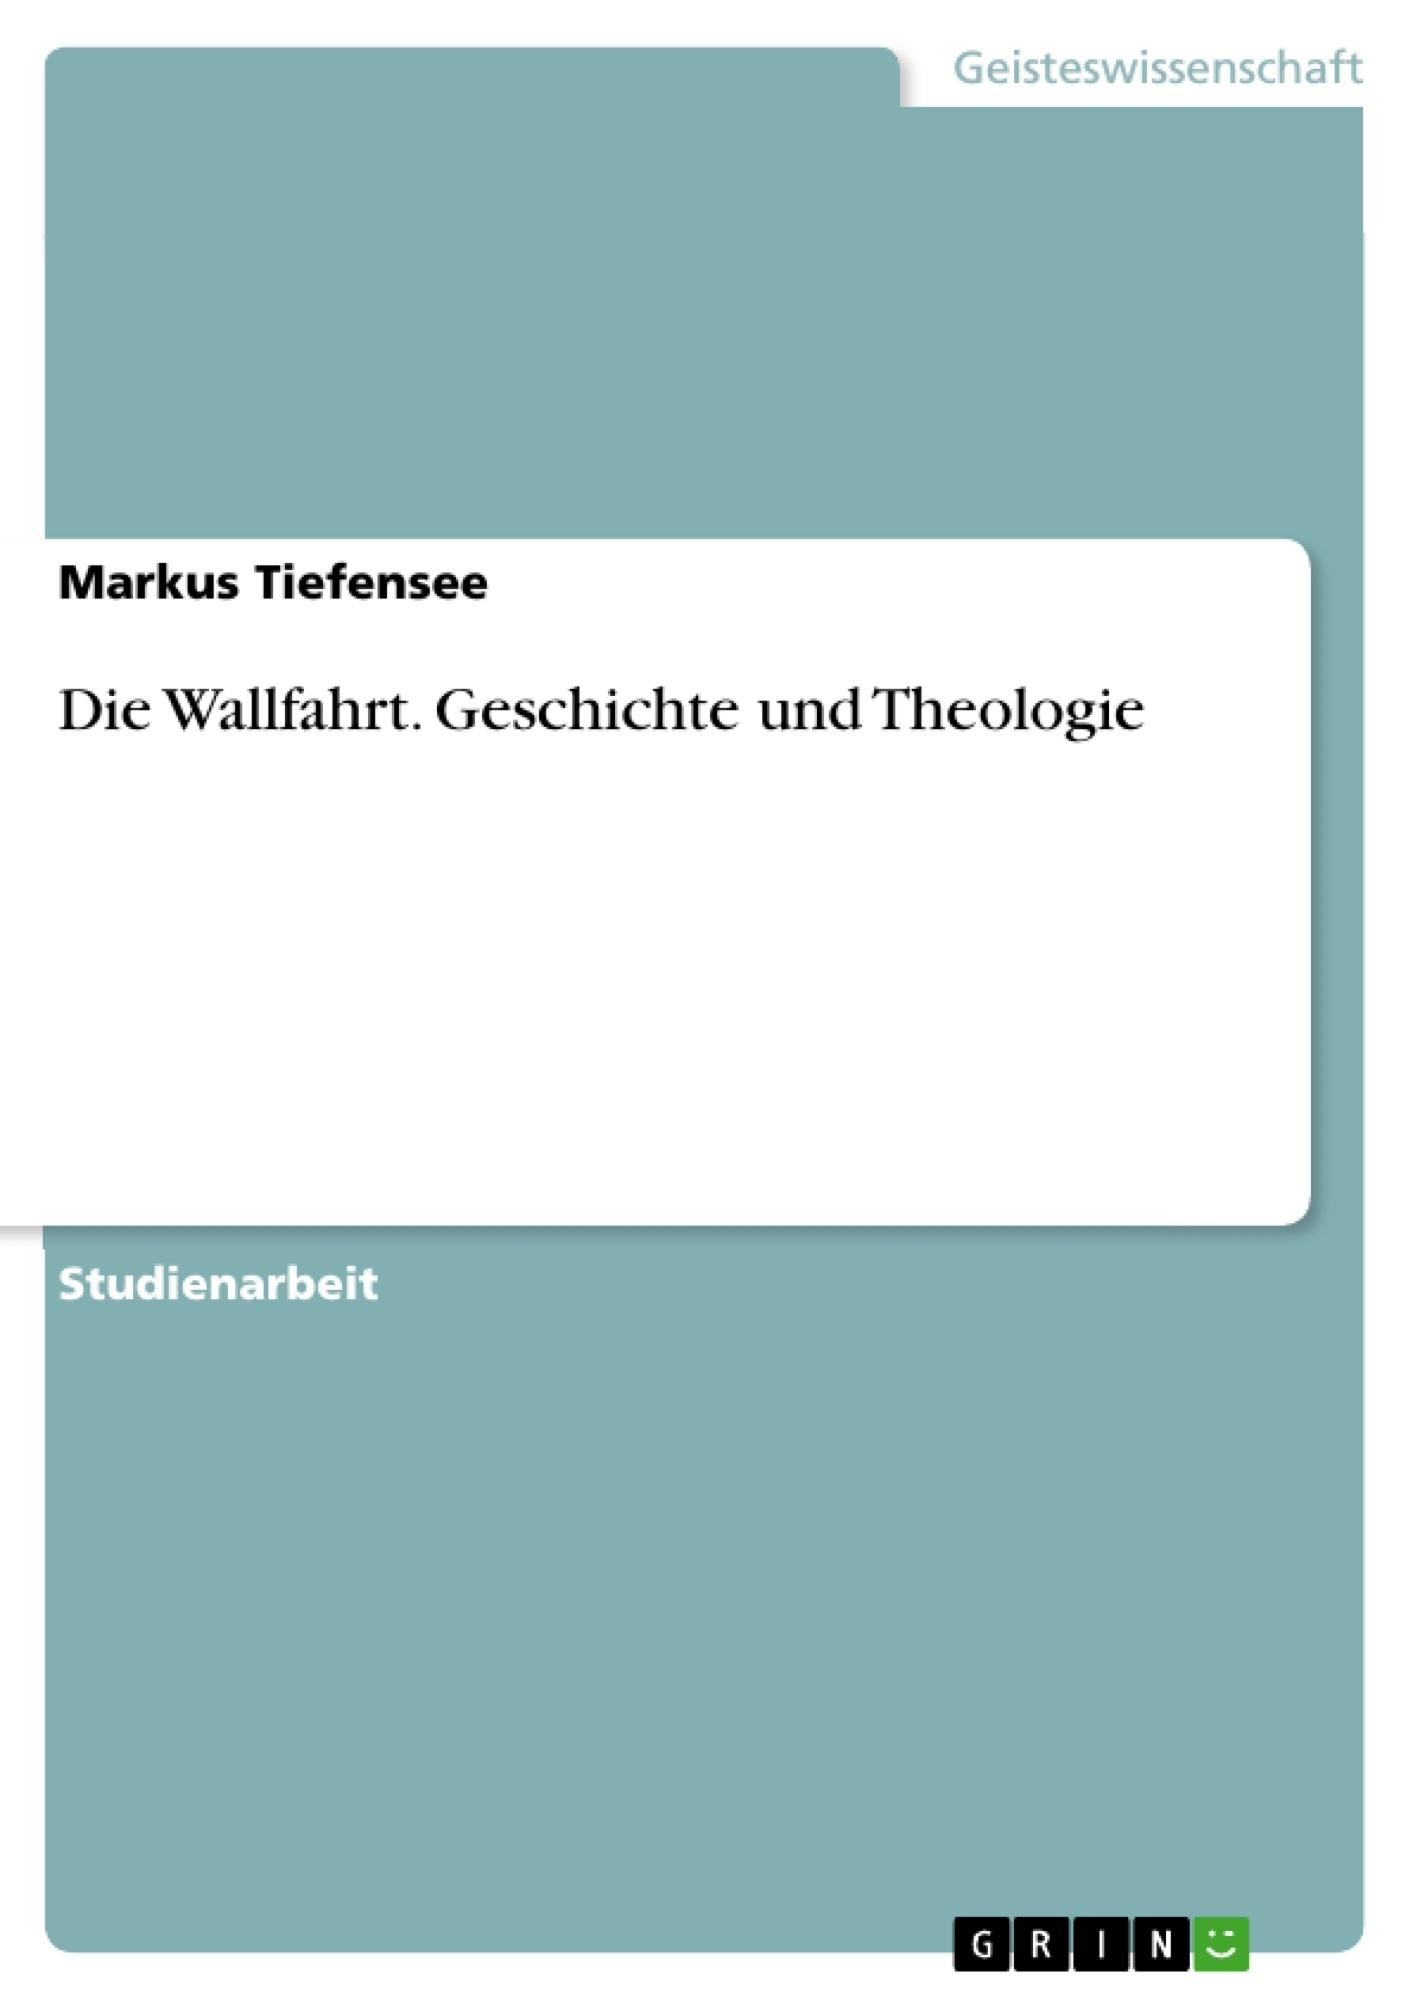 Titel: Die Wallfahrt. Geschichte und Theologie